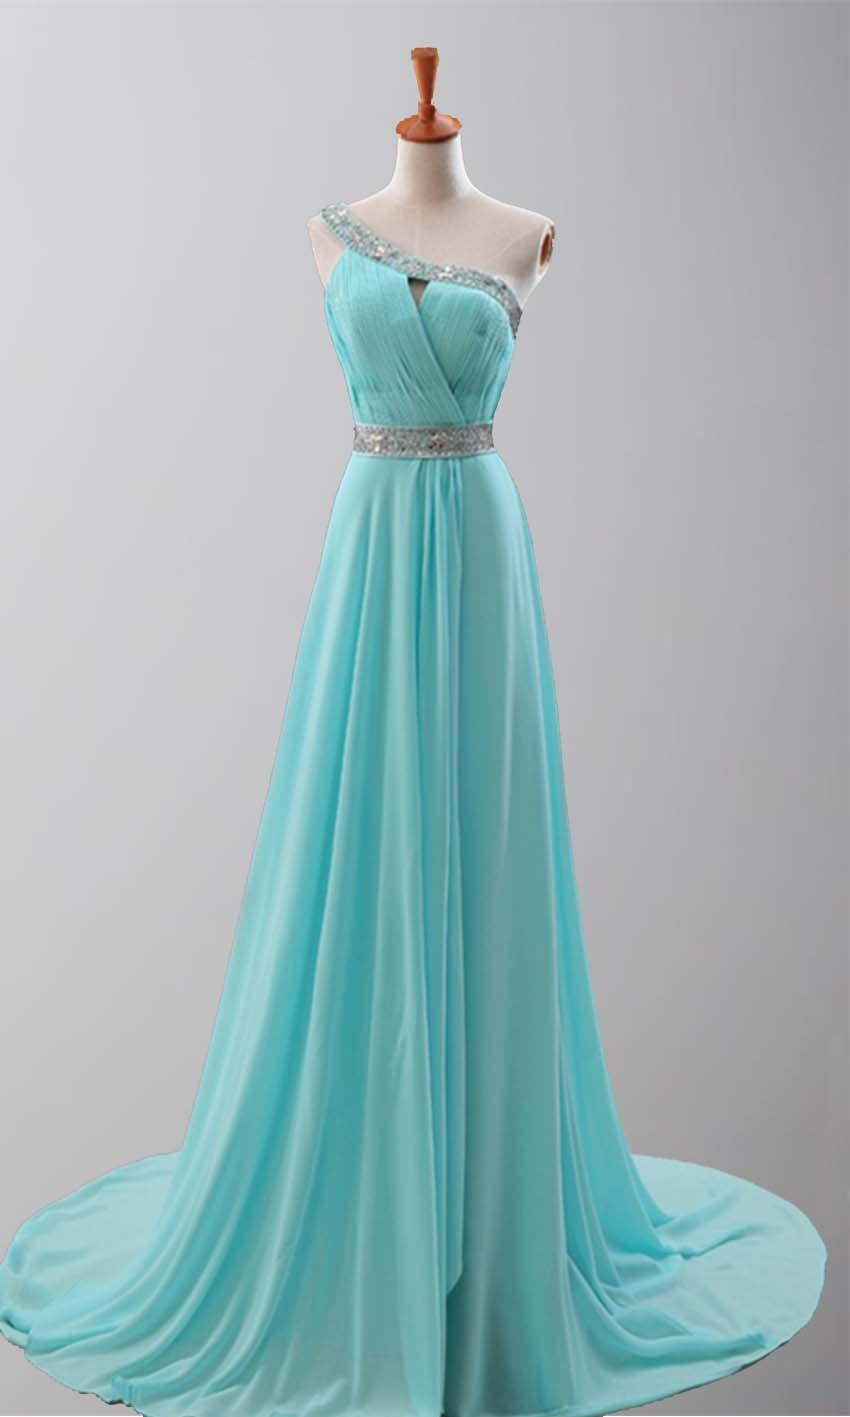 Goddess Teal Train One Shoulder Prom Dresses KSP251